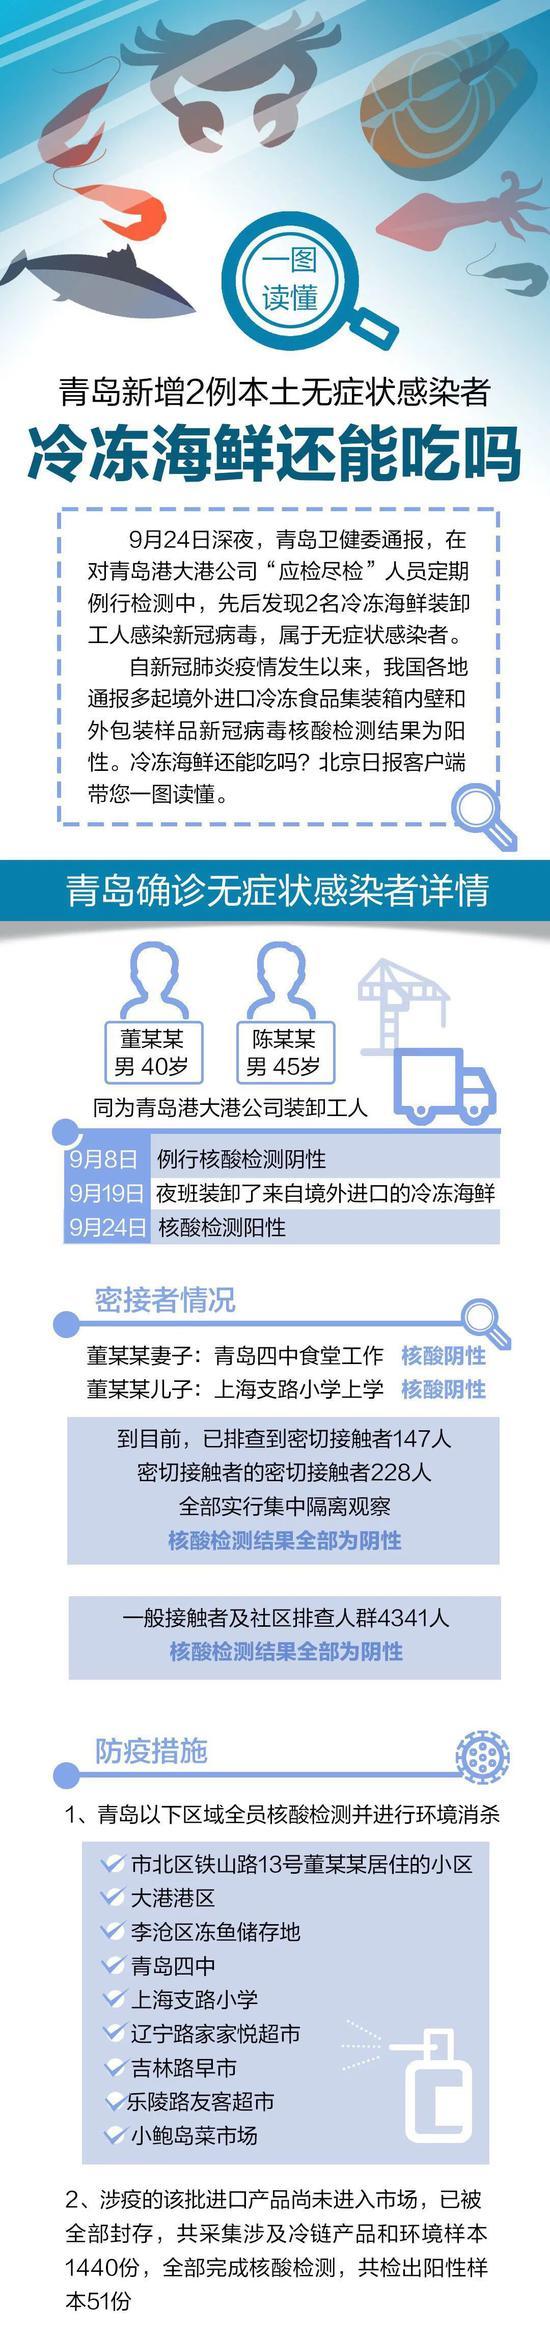 """关于青岛最新疫情:两个细节、四个""""全部""""让人安心图片"""